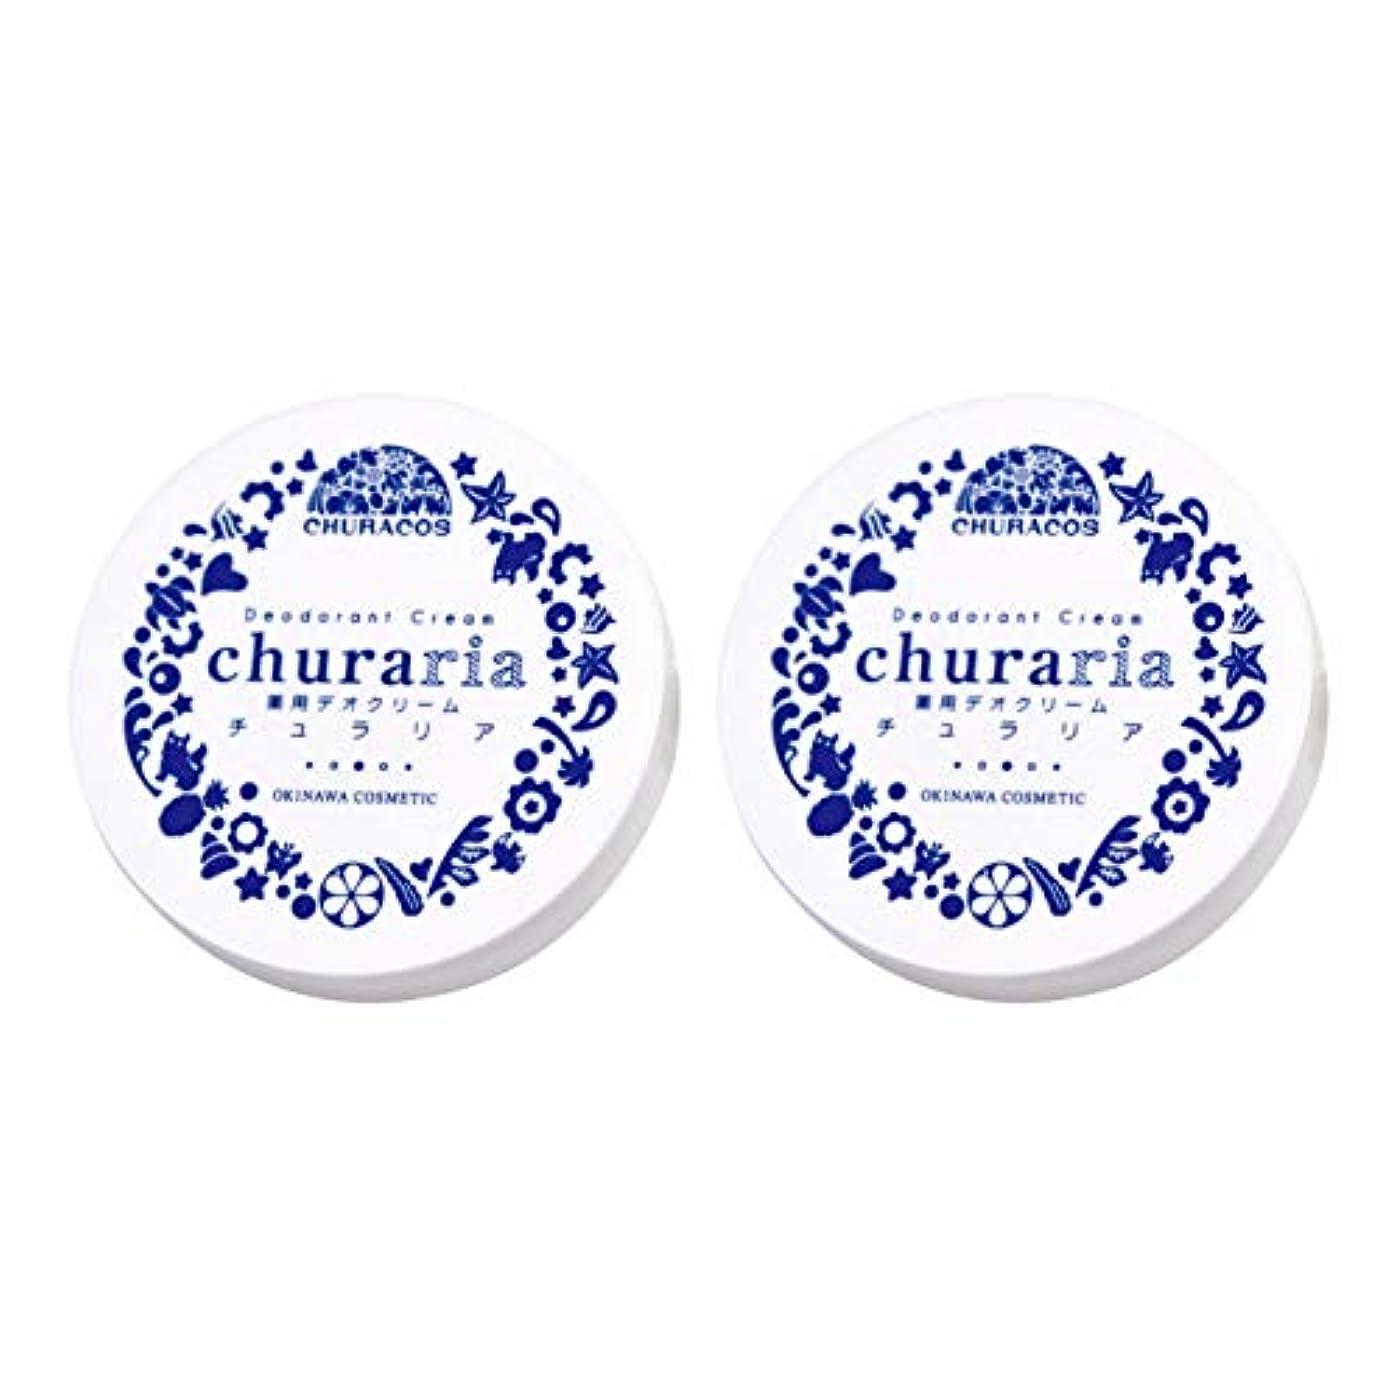 口径量高価なチュラコス 薬用デオドラントクリーム チュラリア 27g 制汗剤 わきが デリケート (2個)